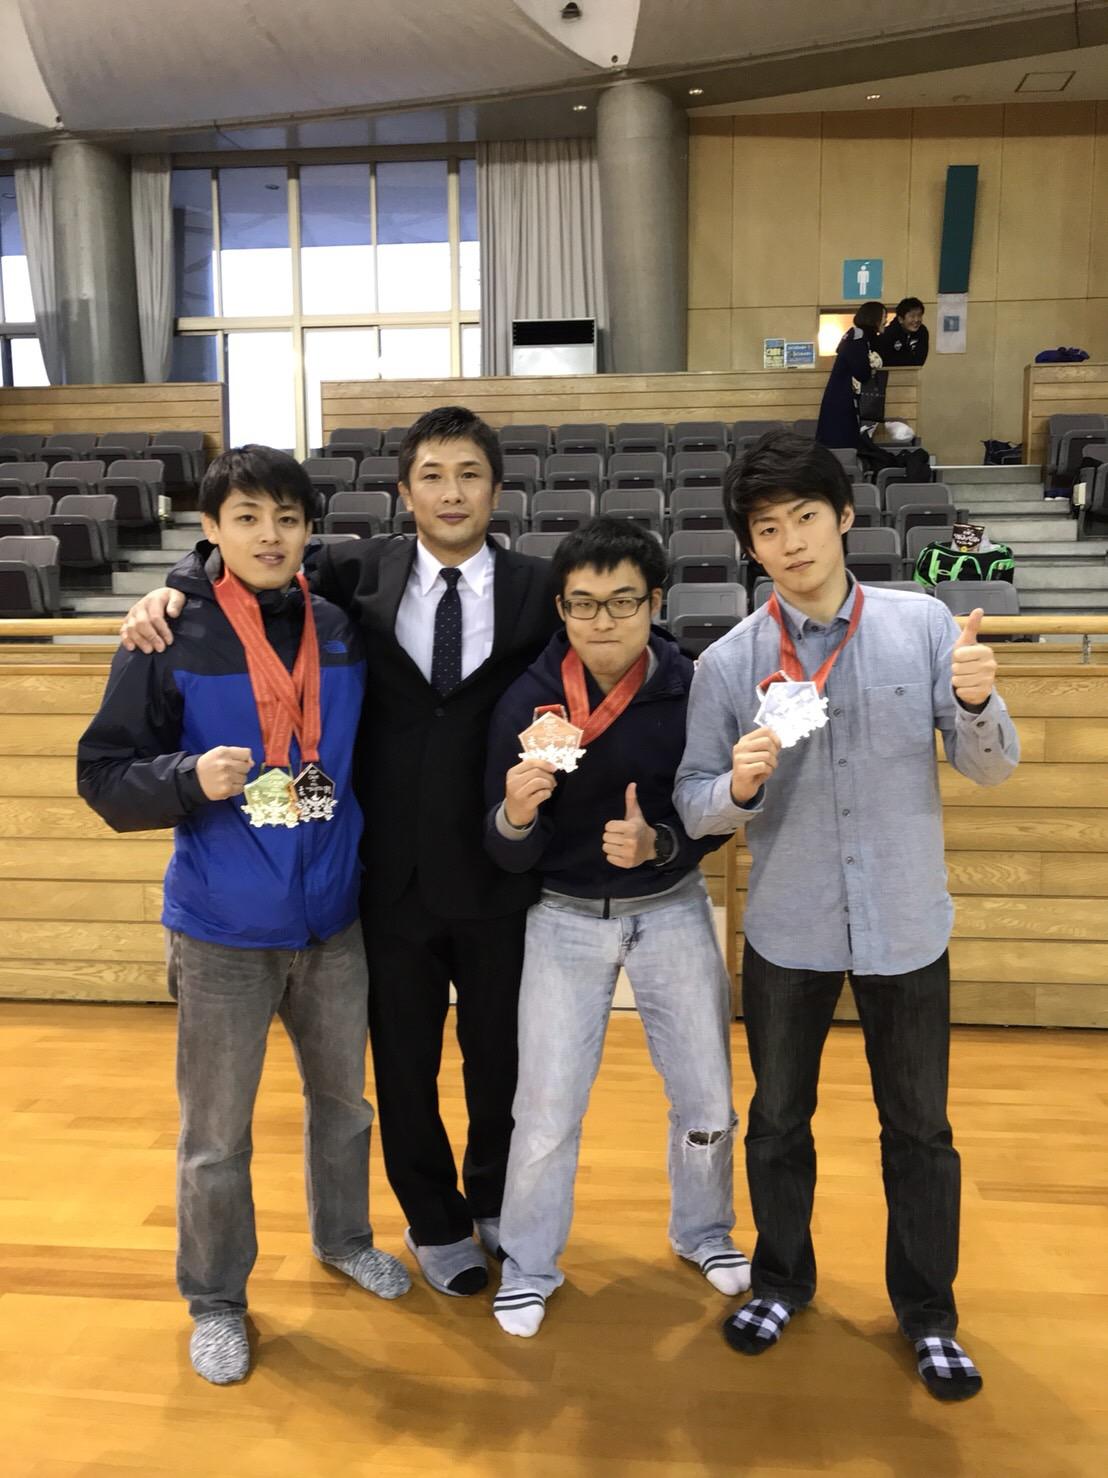 福岡国際柔術選手権